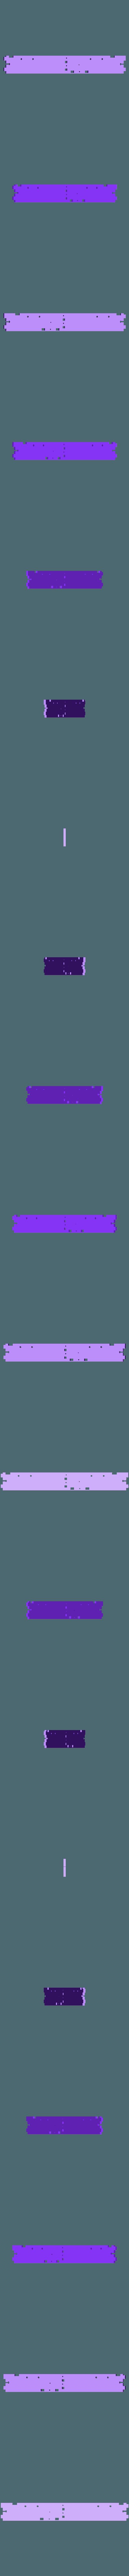 NCS_Makerfarm_Y_Motor_mount.stl Download free STL file NCS P3-v Steel to Makerfarm 12 inch bed carriage adapter kit • 3D printing design, trentjw